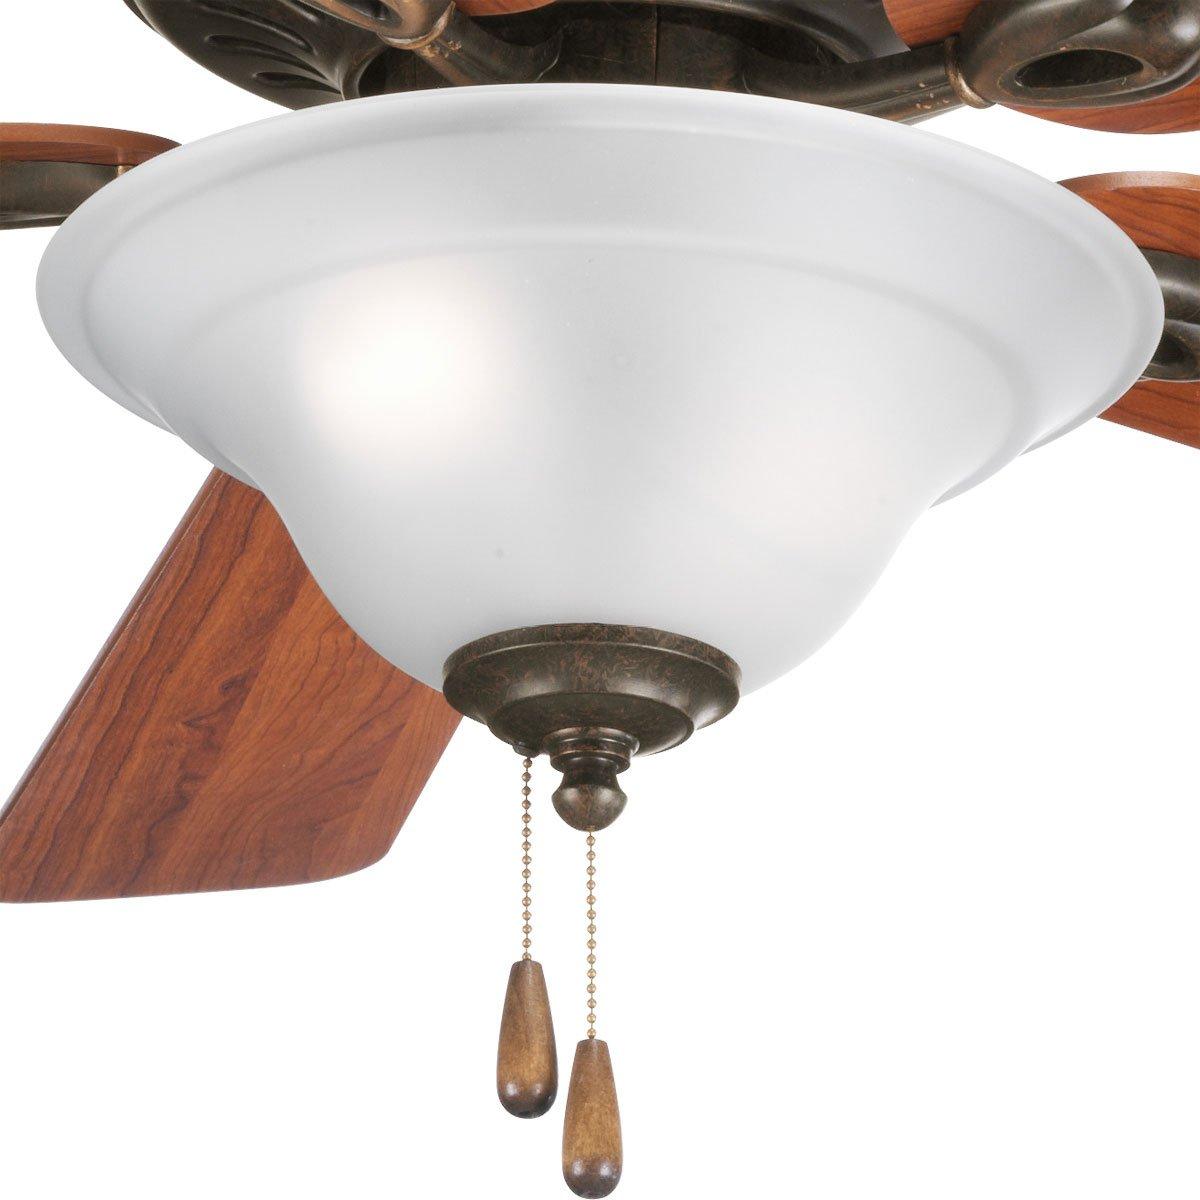 cheap fan wiring kit find fan wiring kit deals on line at alibaba com rh guide alibaba com